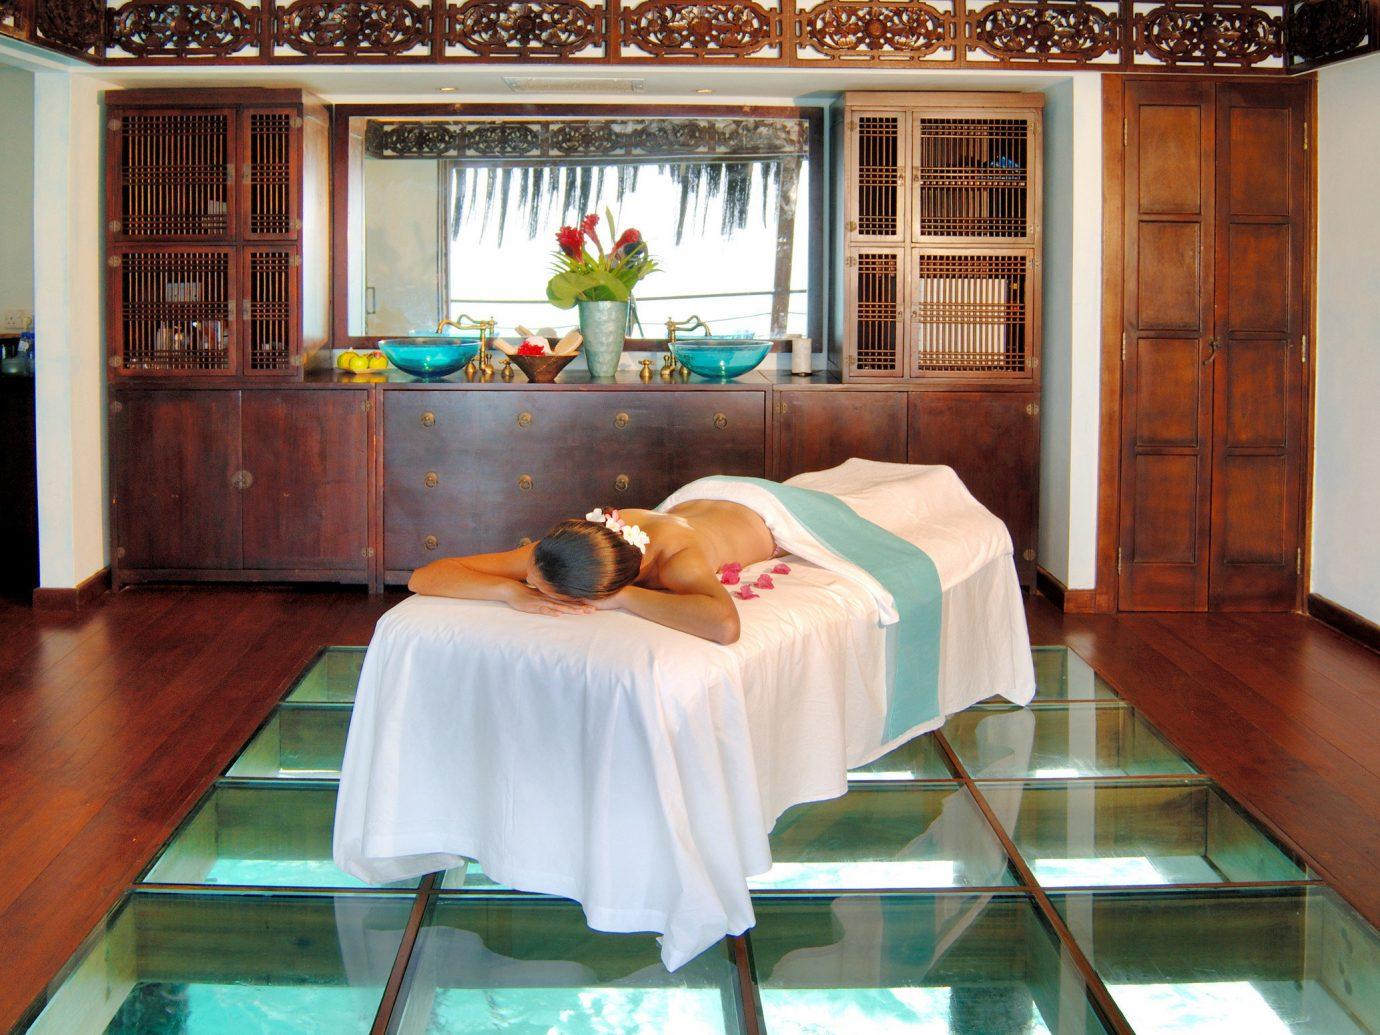 Hotels floor indoor room property window estate home house interior design mansion living room dining room cottage wood furniture